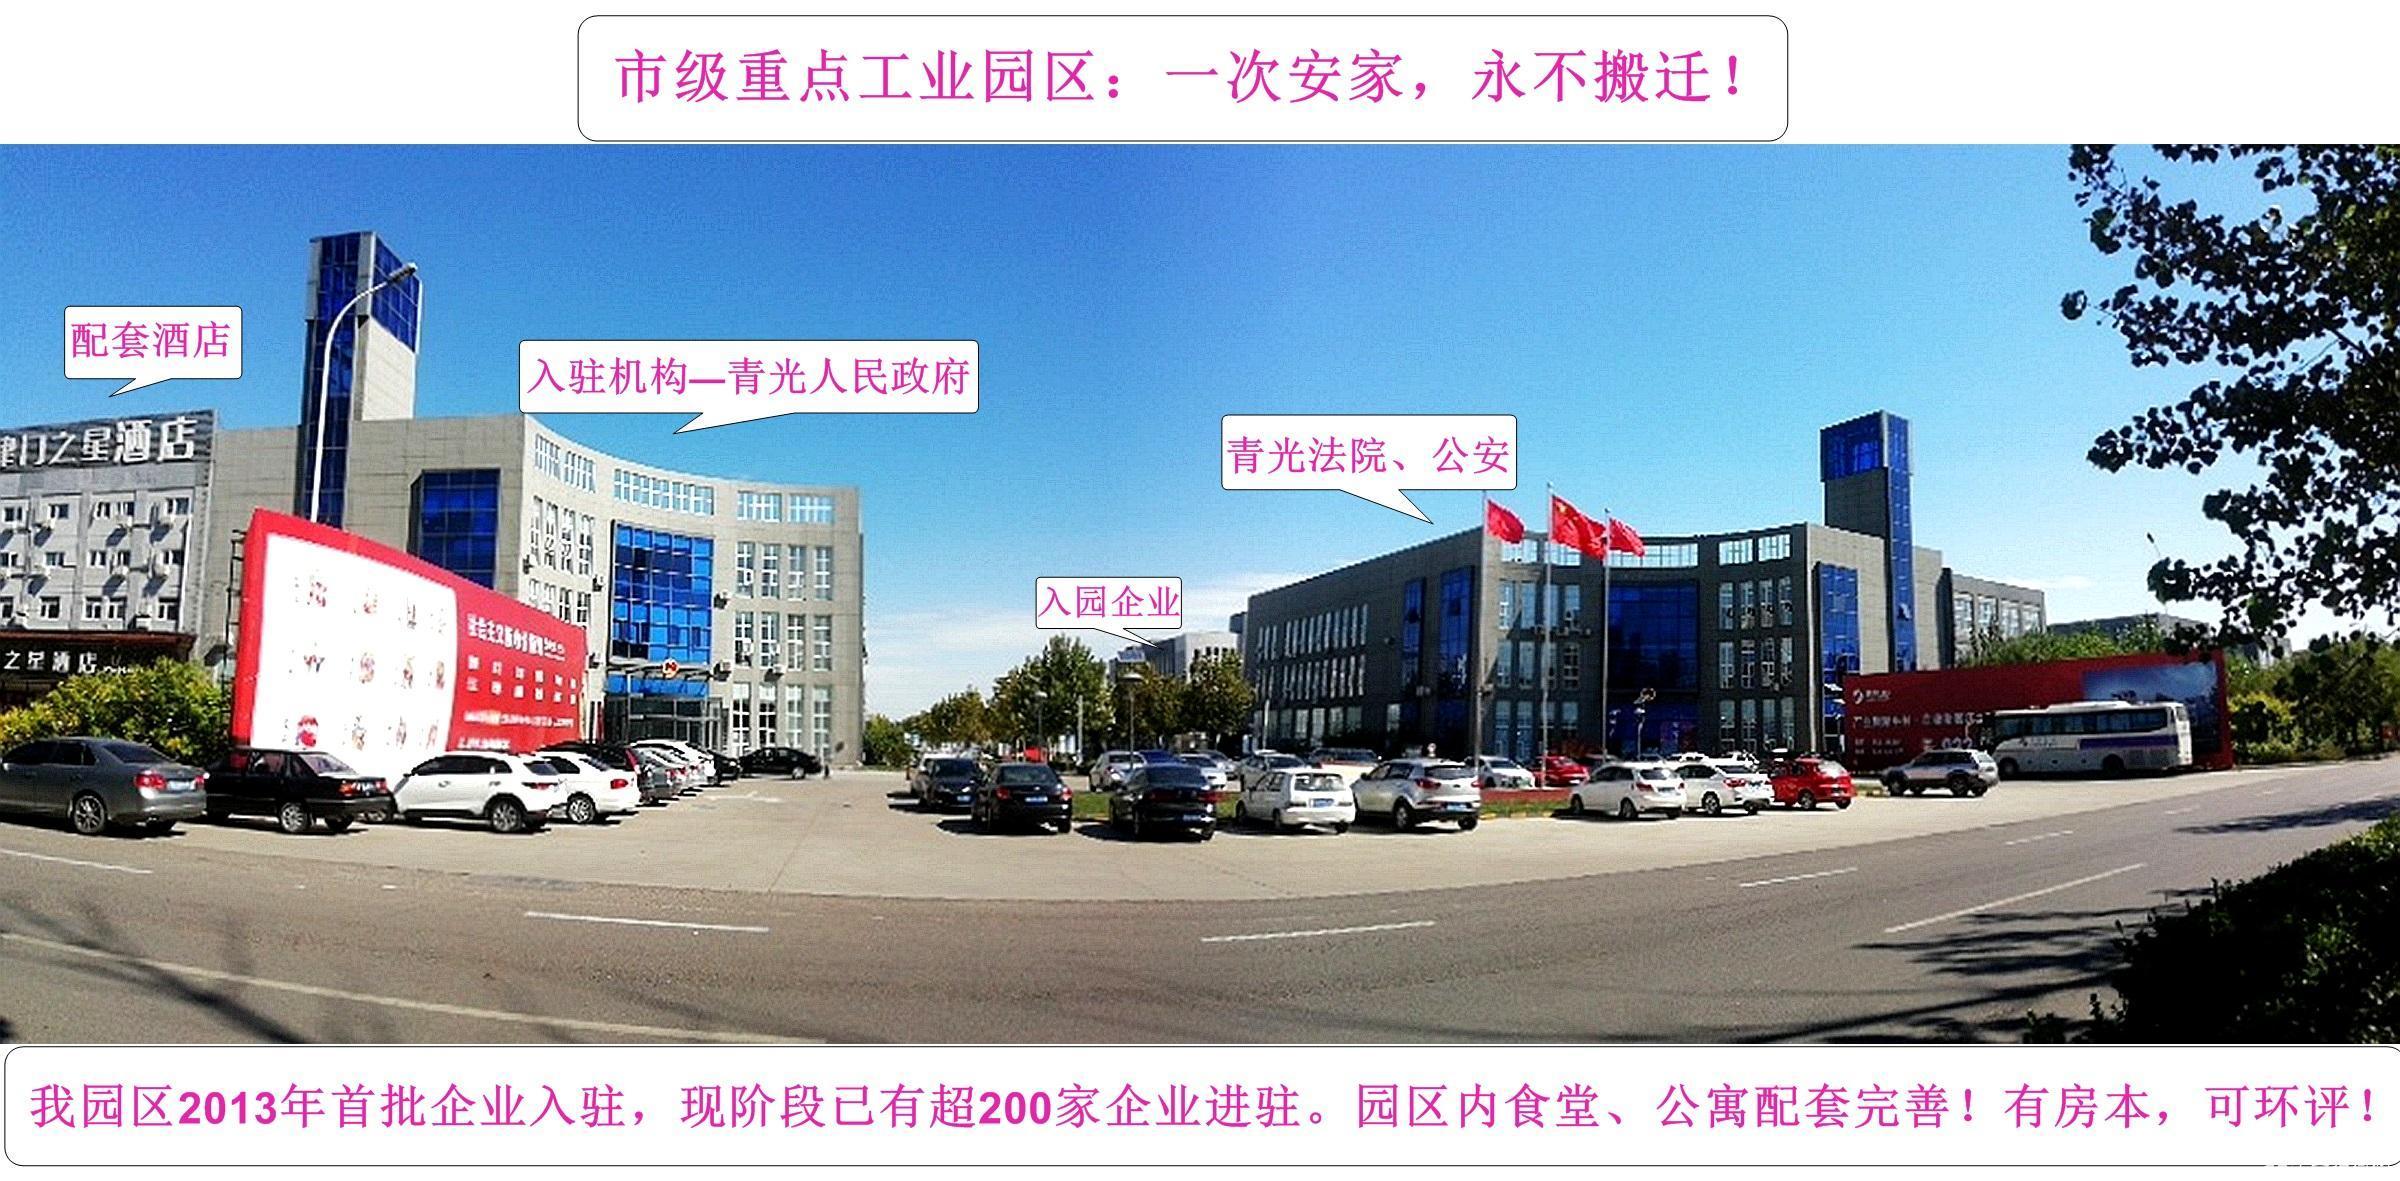 【北辰联东U谷】第四期厂房开盘在即,50年大产权,有独立房本-图2